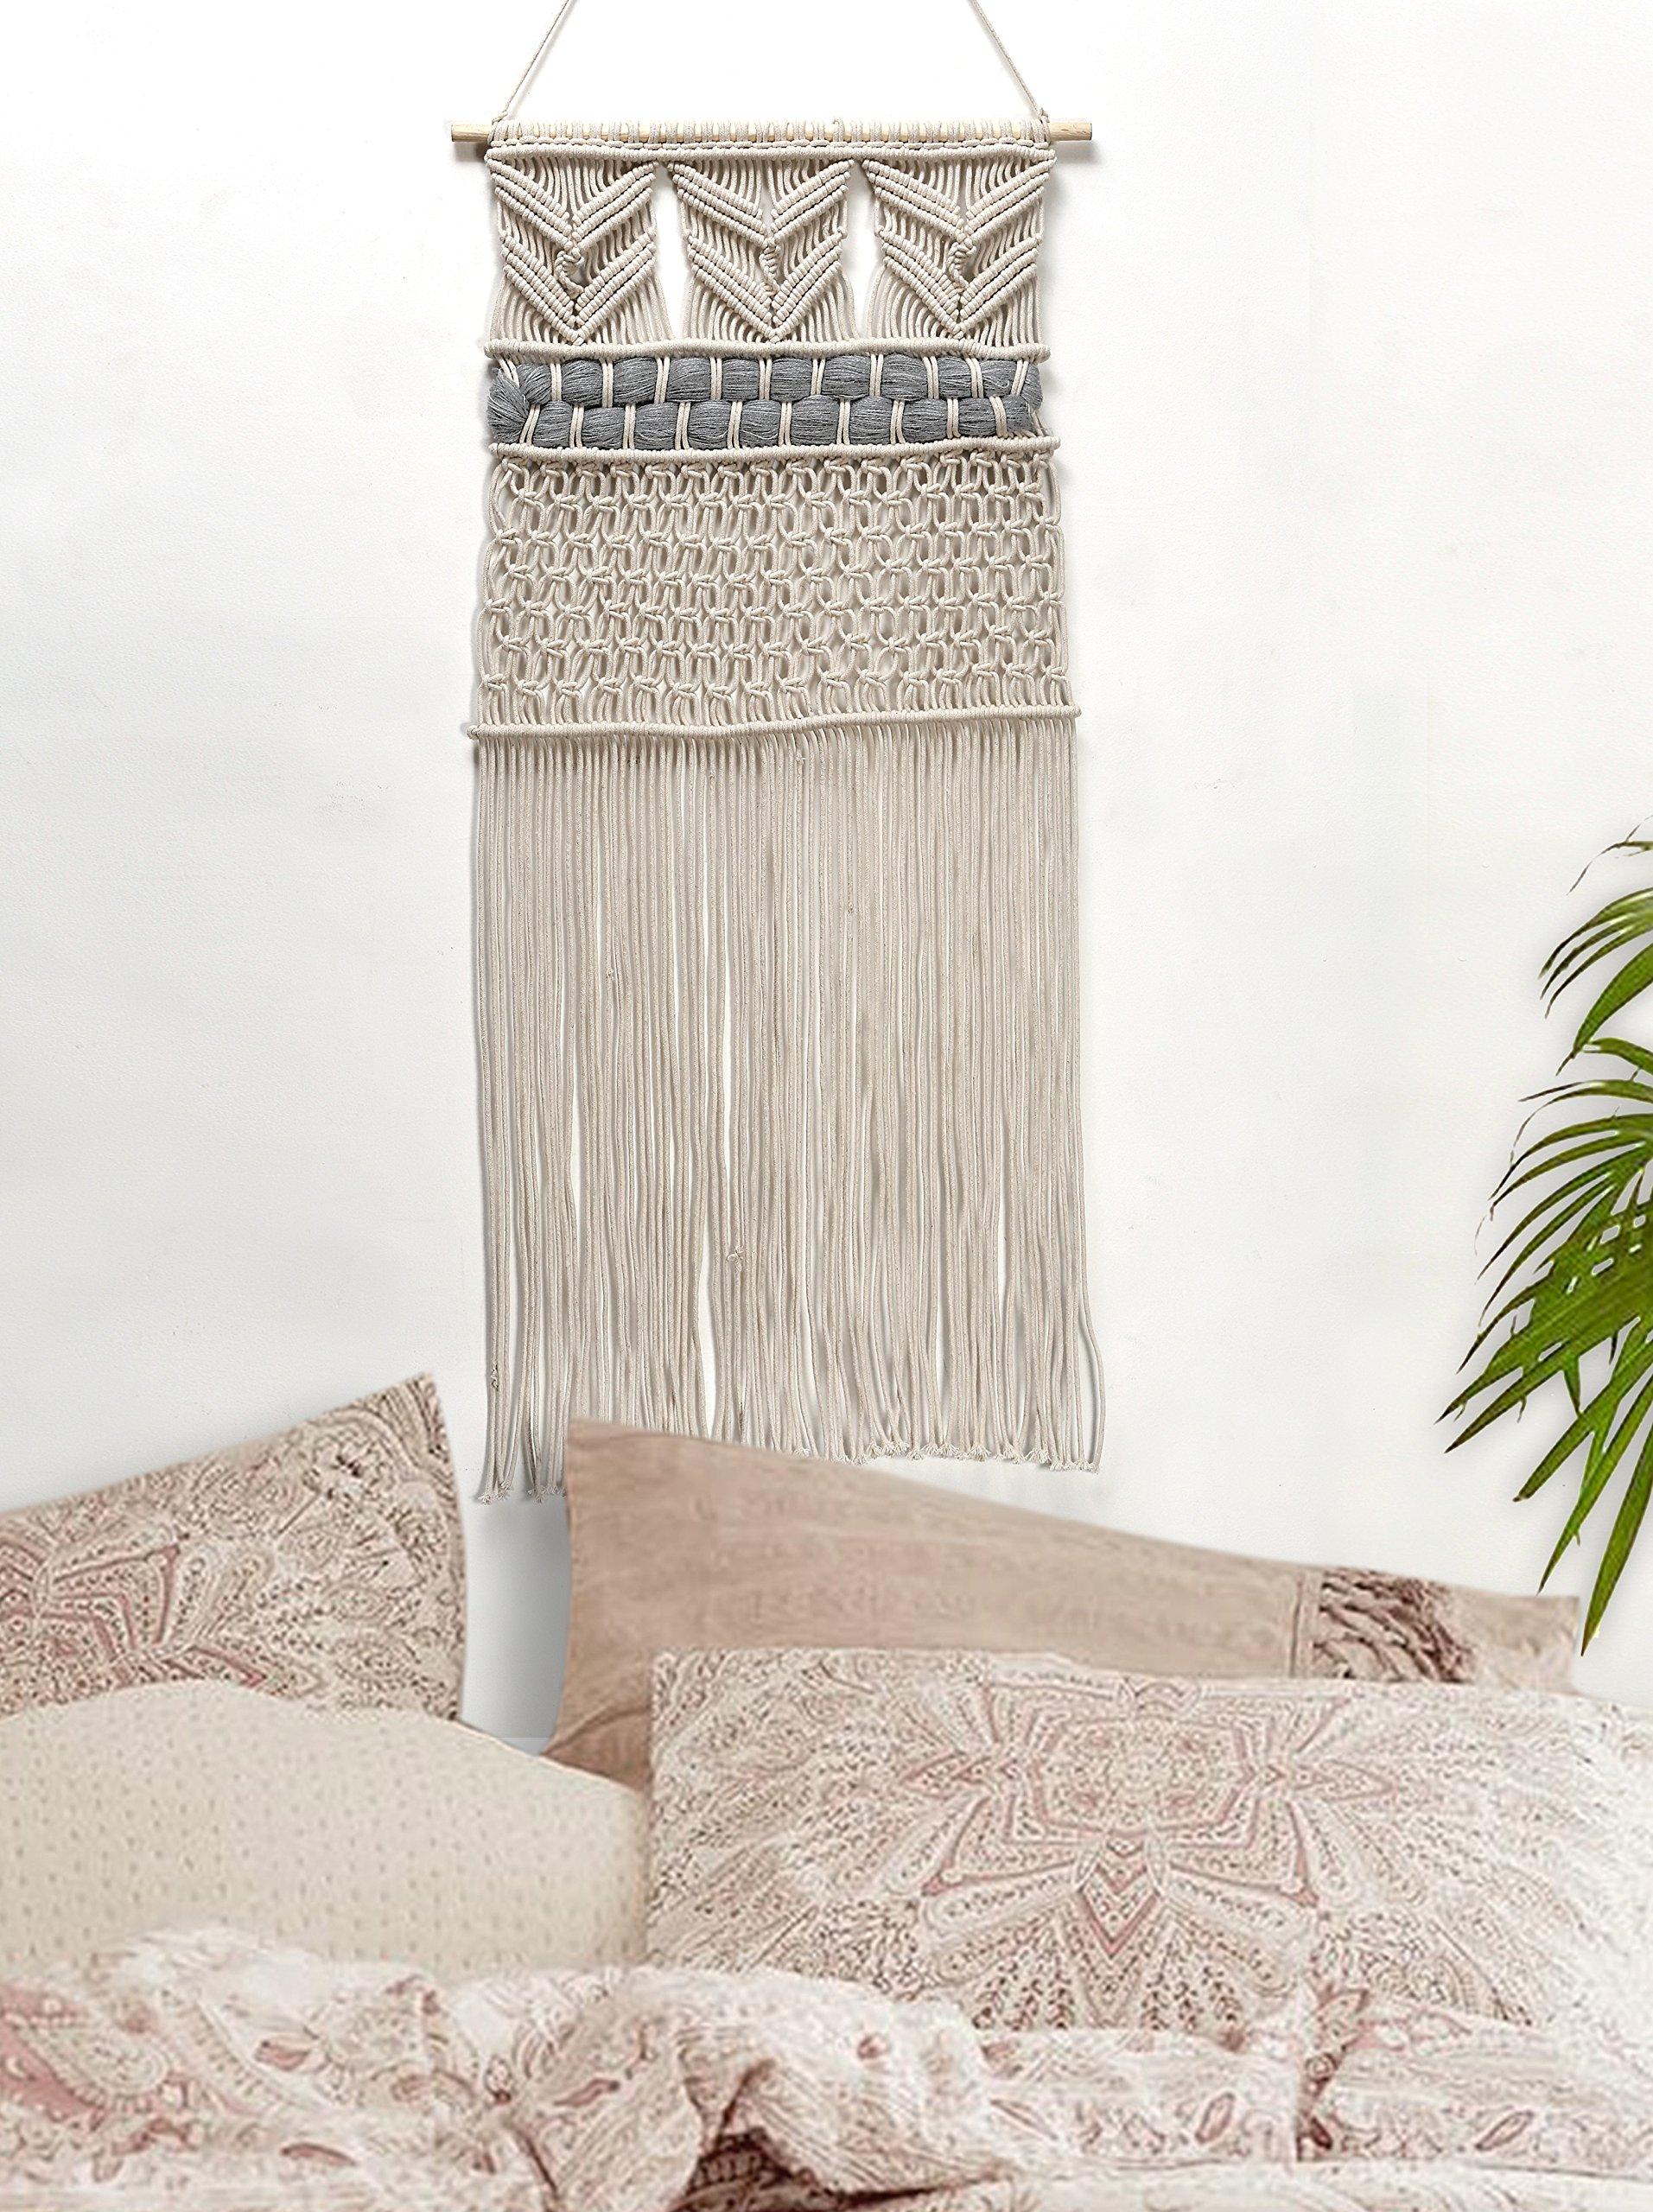 RawyalCrafts Handmade Macrame Wall Hanging- Woven Wall Art- Macrame Tapestry-Boho Wall Decor- Textile Wall hanging - 36''L X 15''W By by RawyalCrafts